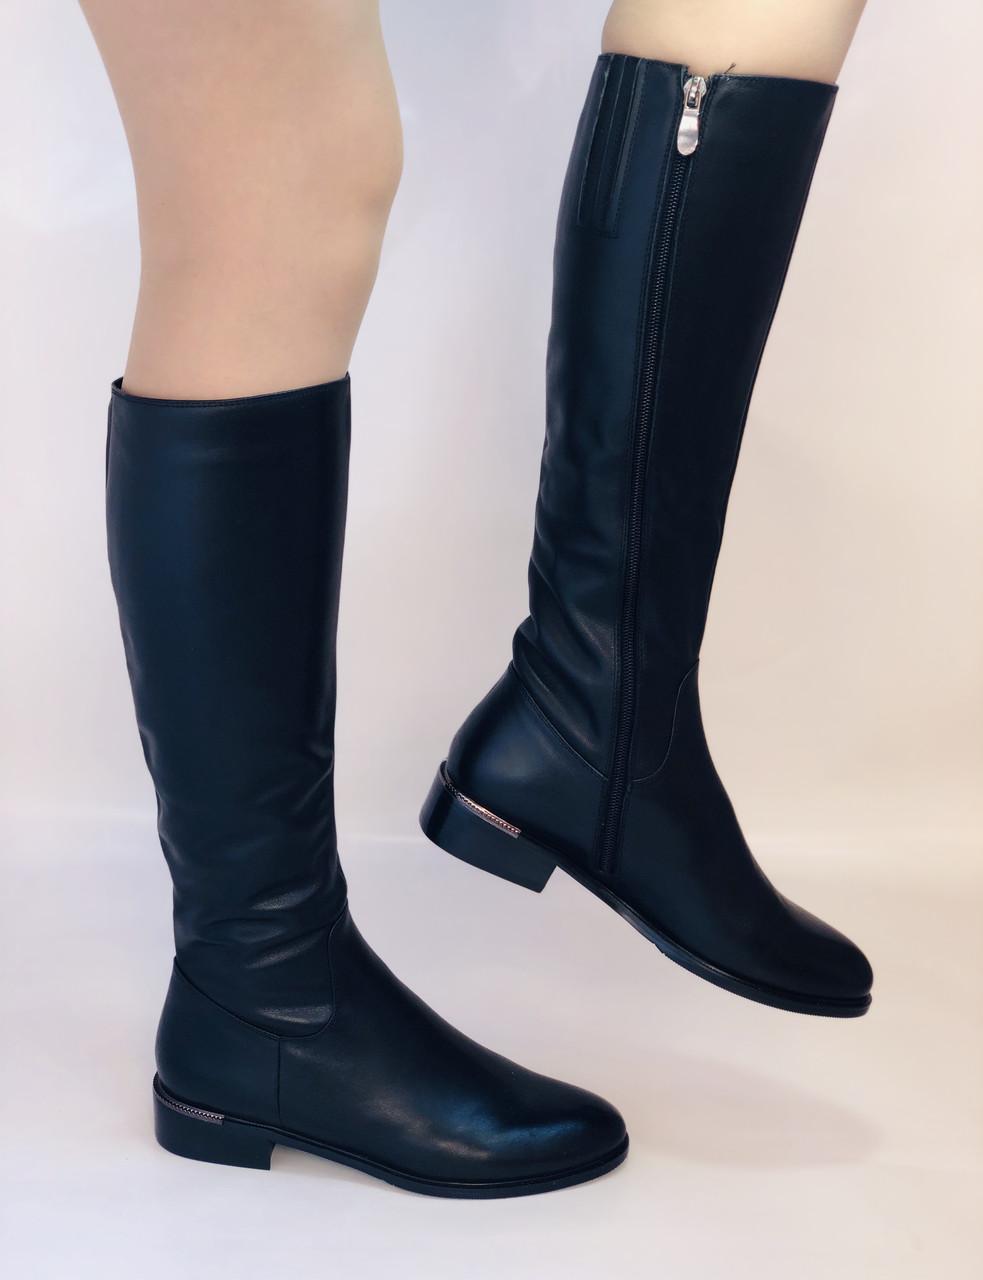 Женские осенне-весенние сапоги на низком каблуке. Натуральная кожа. Люкс качество. Р. 35.36. 37.39.Molka